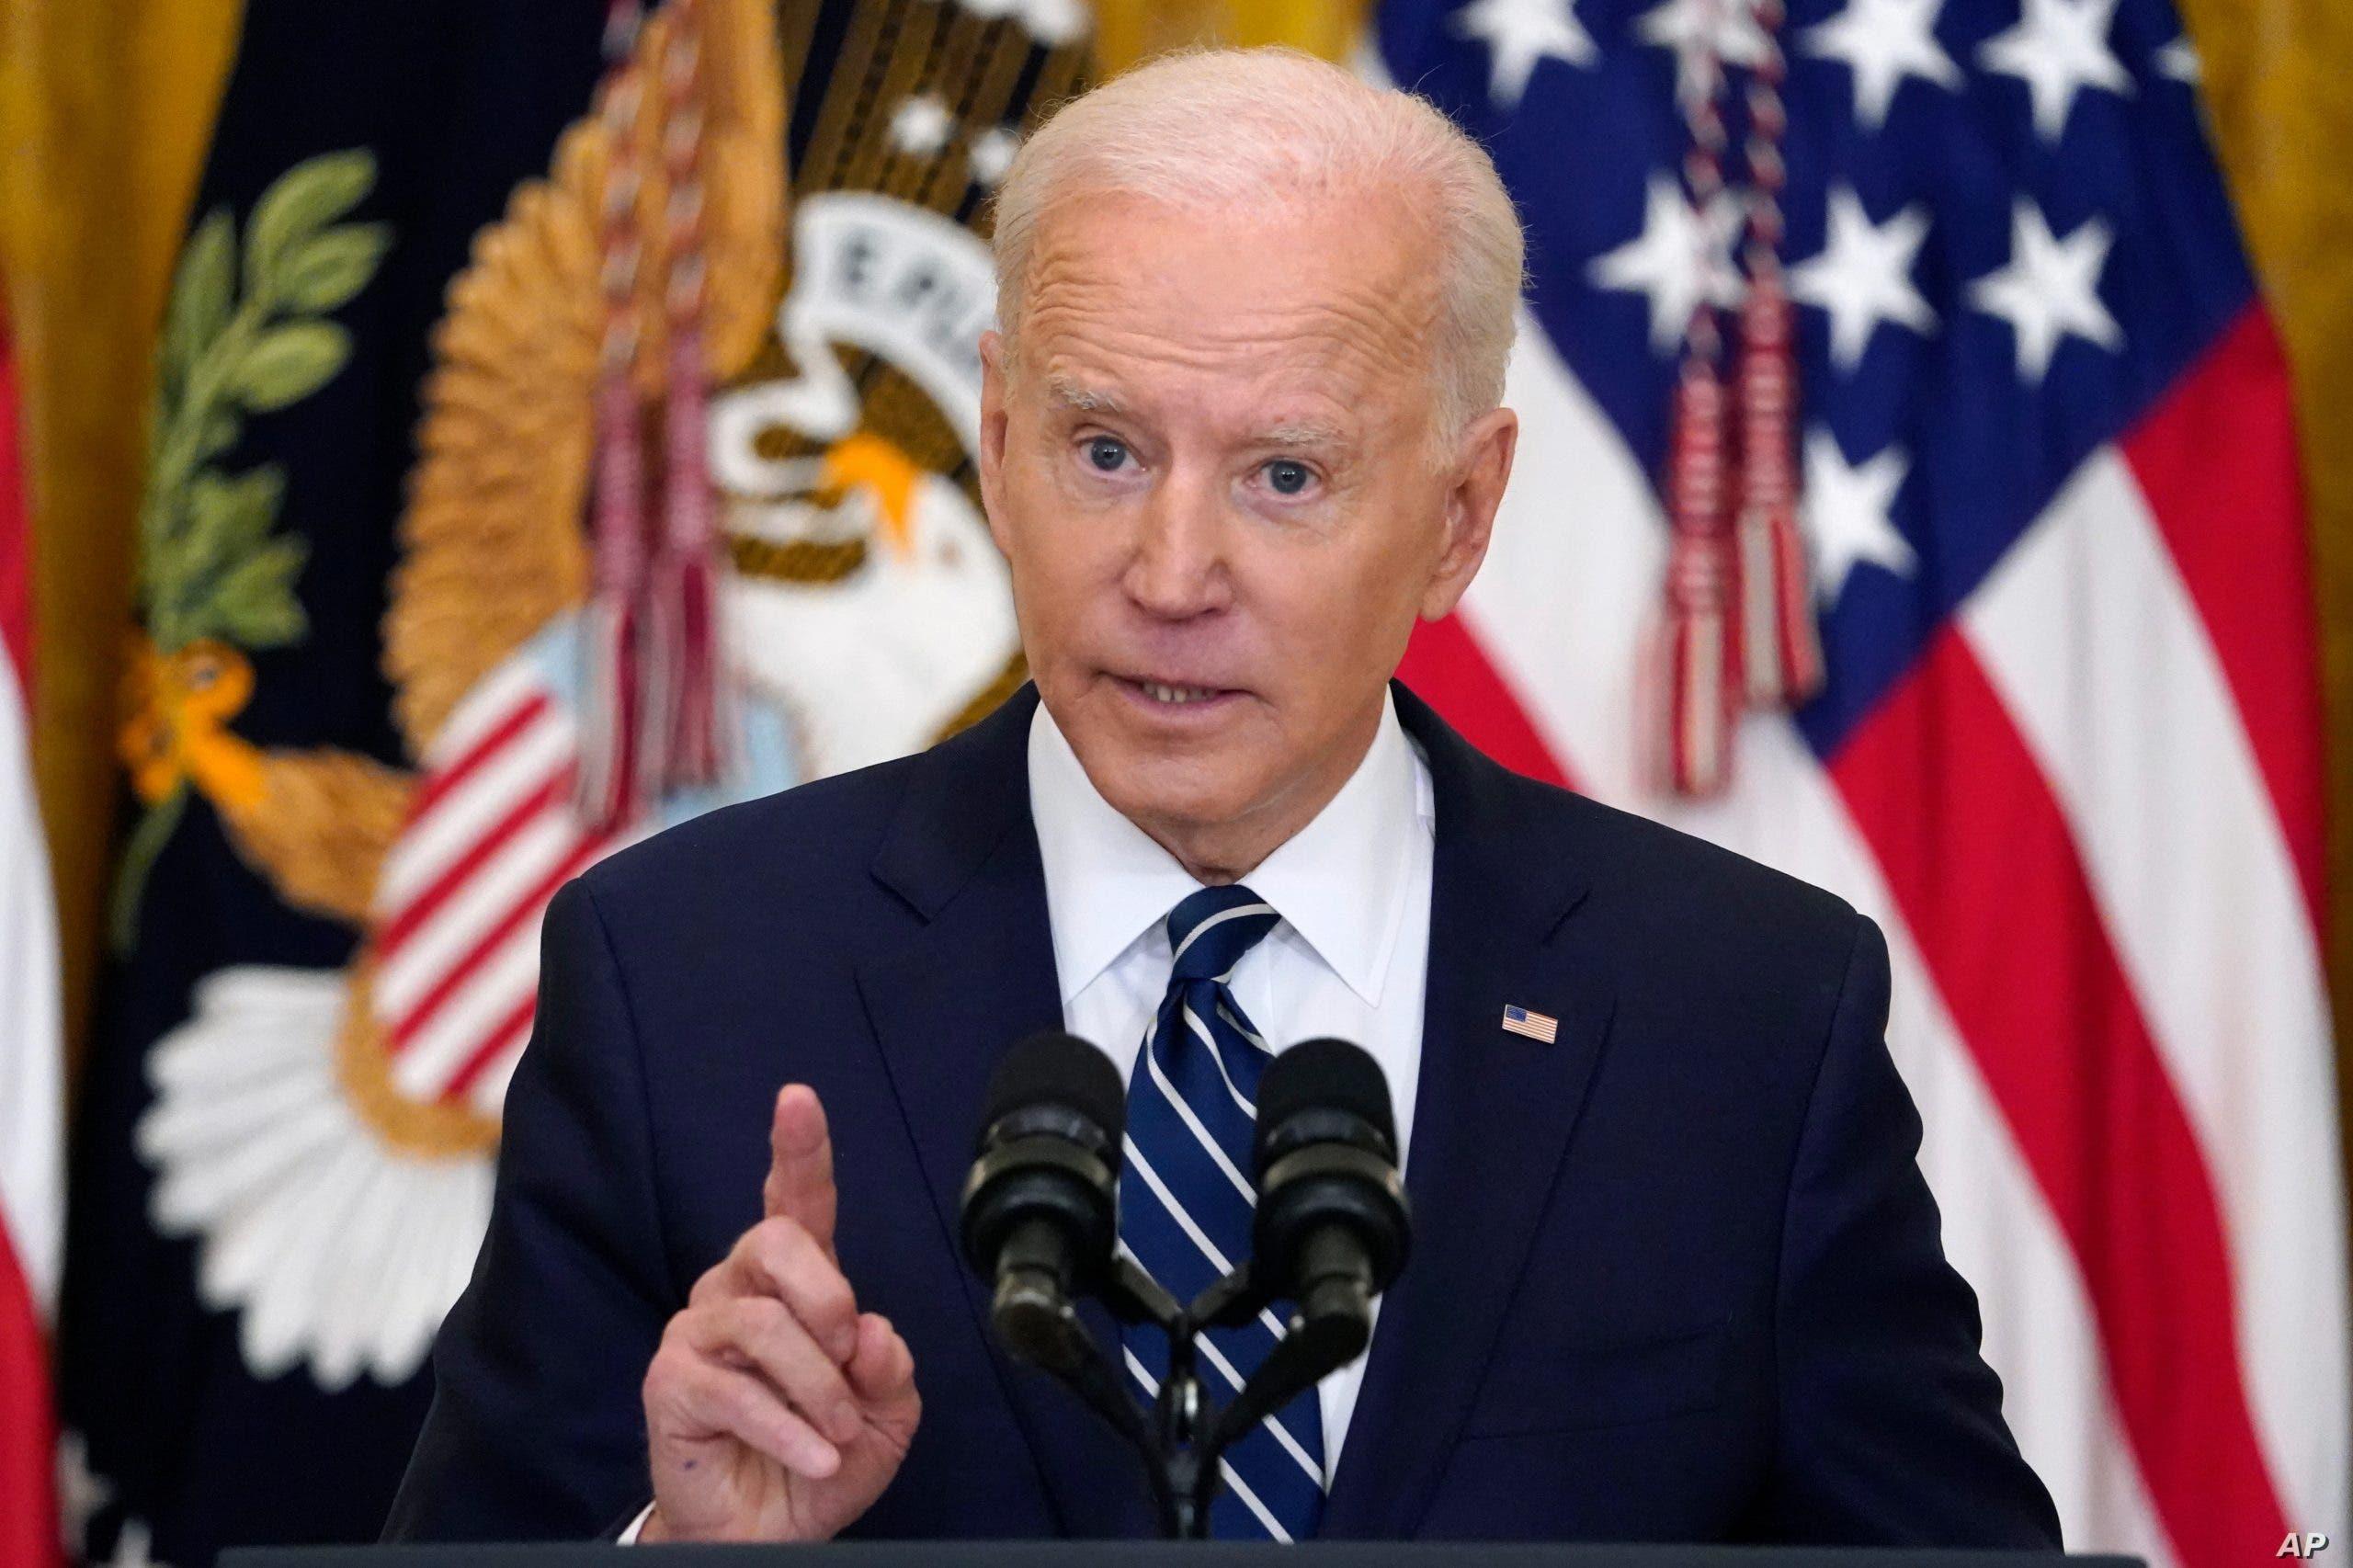 Madaxweyne Joe Biden oo go'aan ka gaaray ciidamada Mareykanka ee Afghanistan